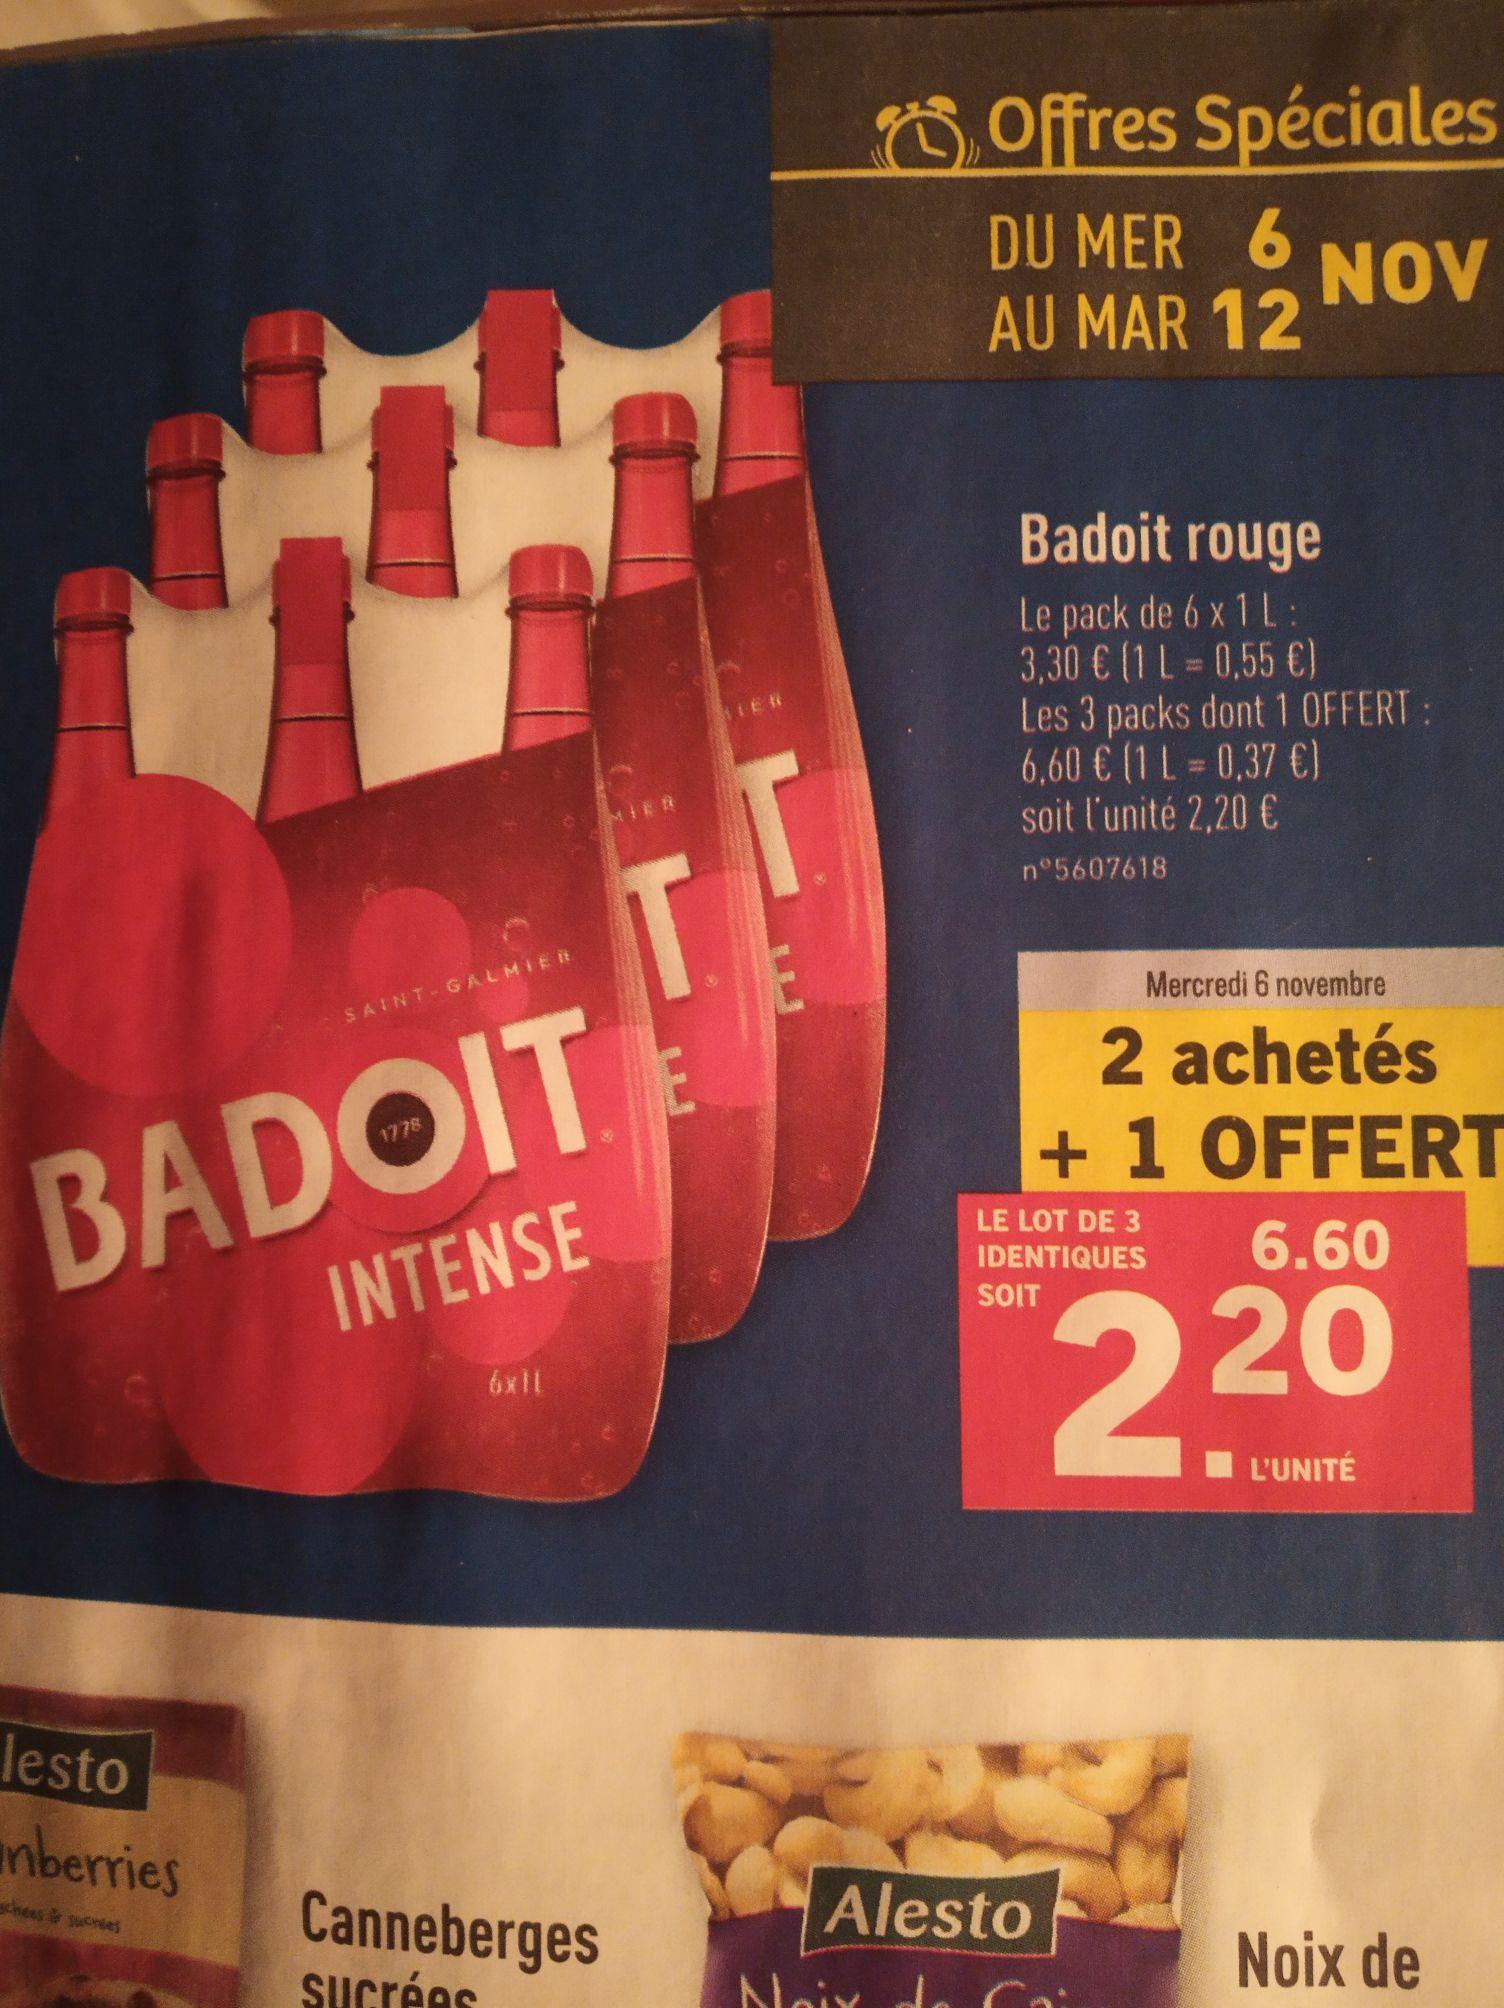 Lot de 3 packs de 6 bouteilles de Badoit Rouge - 3 x 6 x 1 L (Via ODR 100% sur un produit)